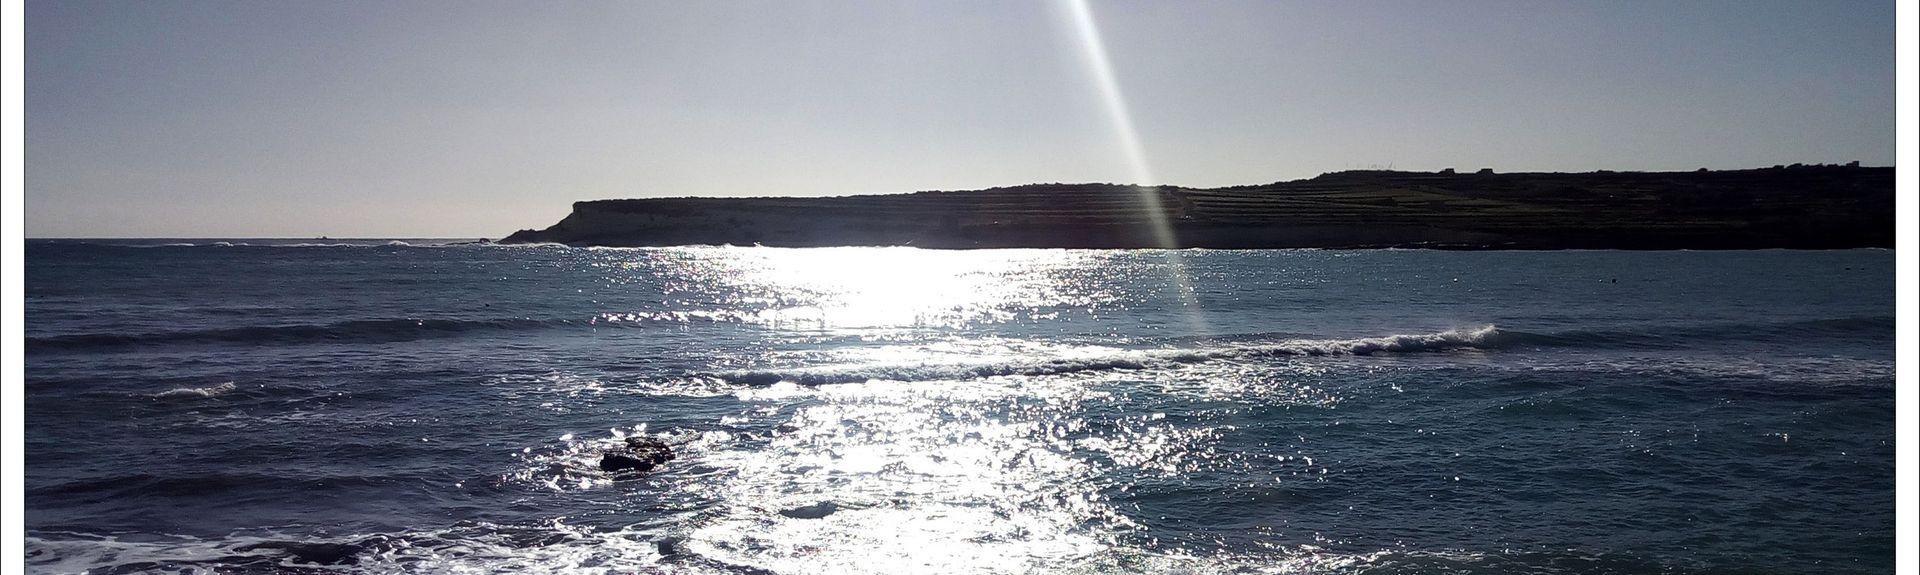 Luqa, Malta